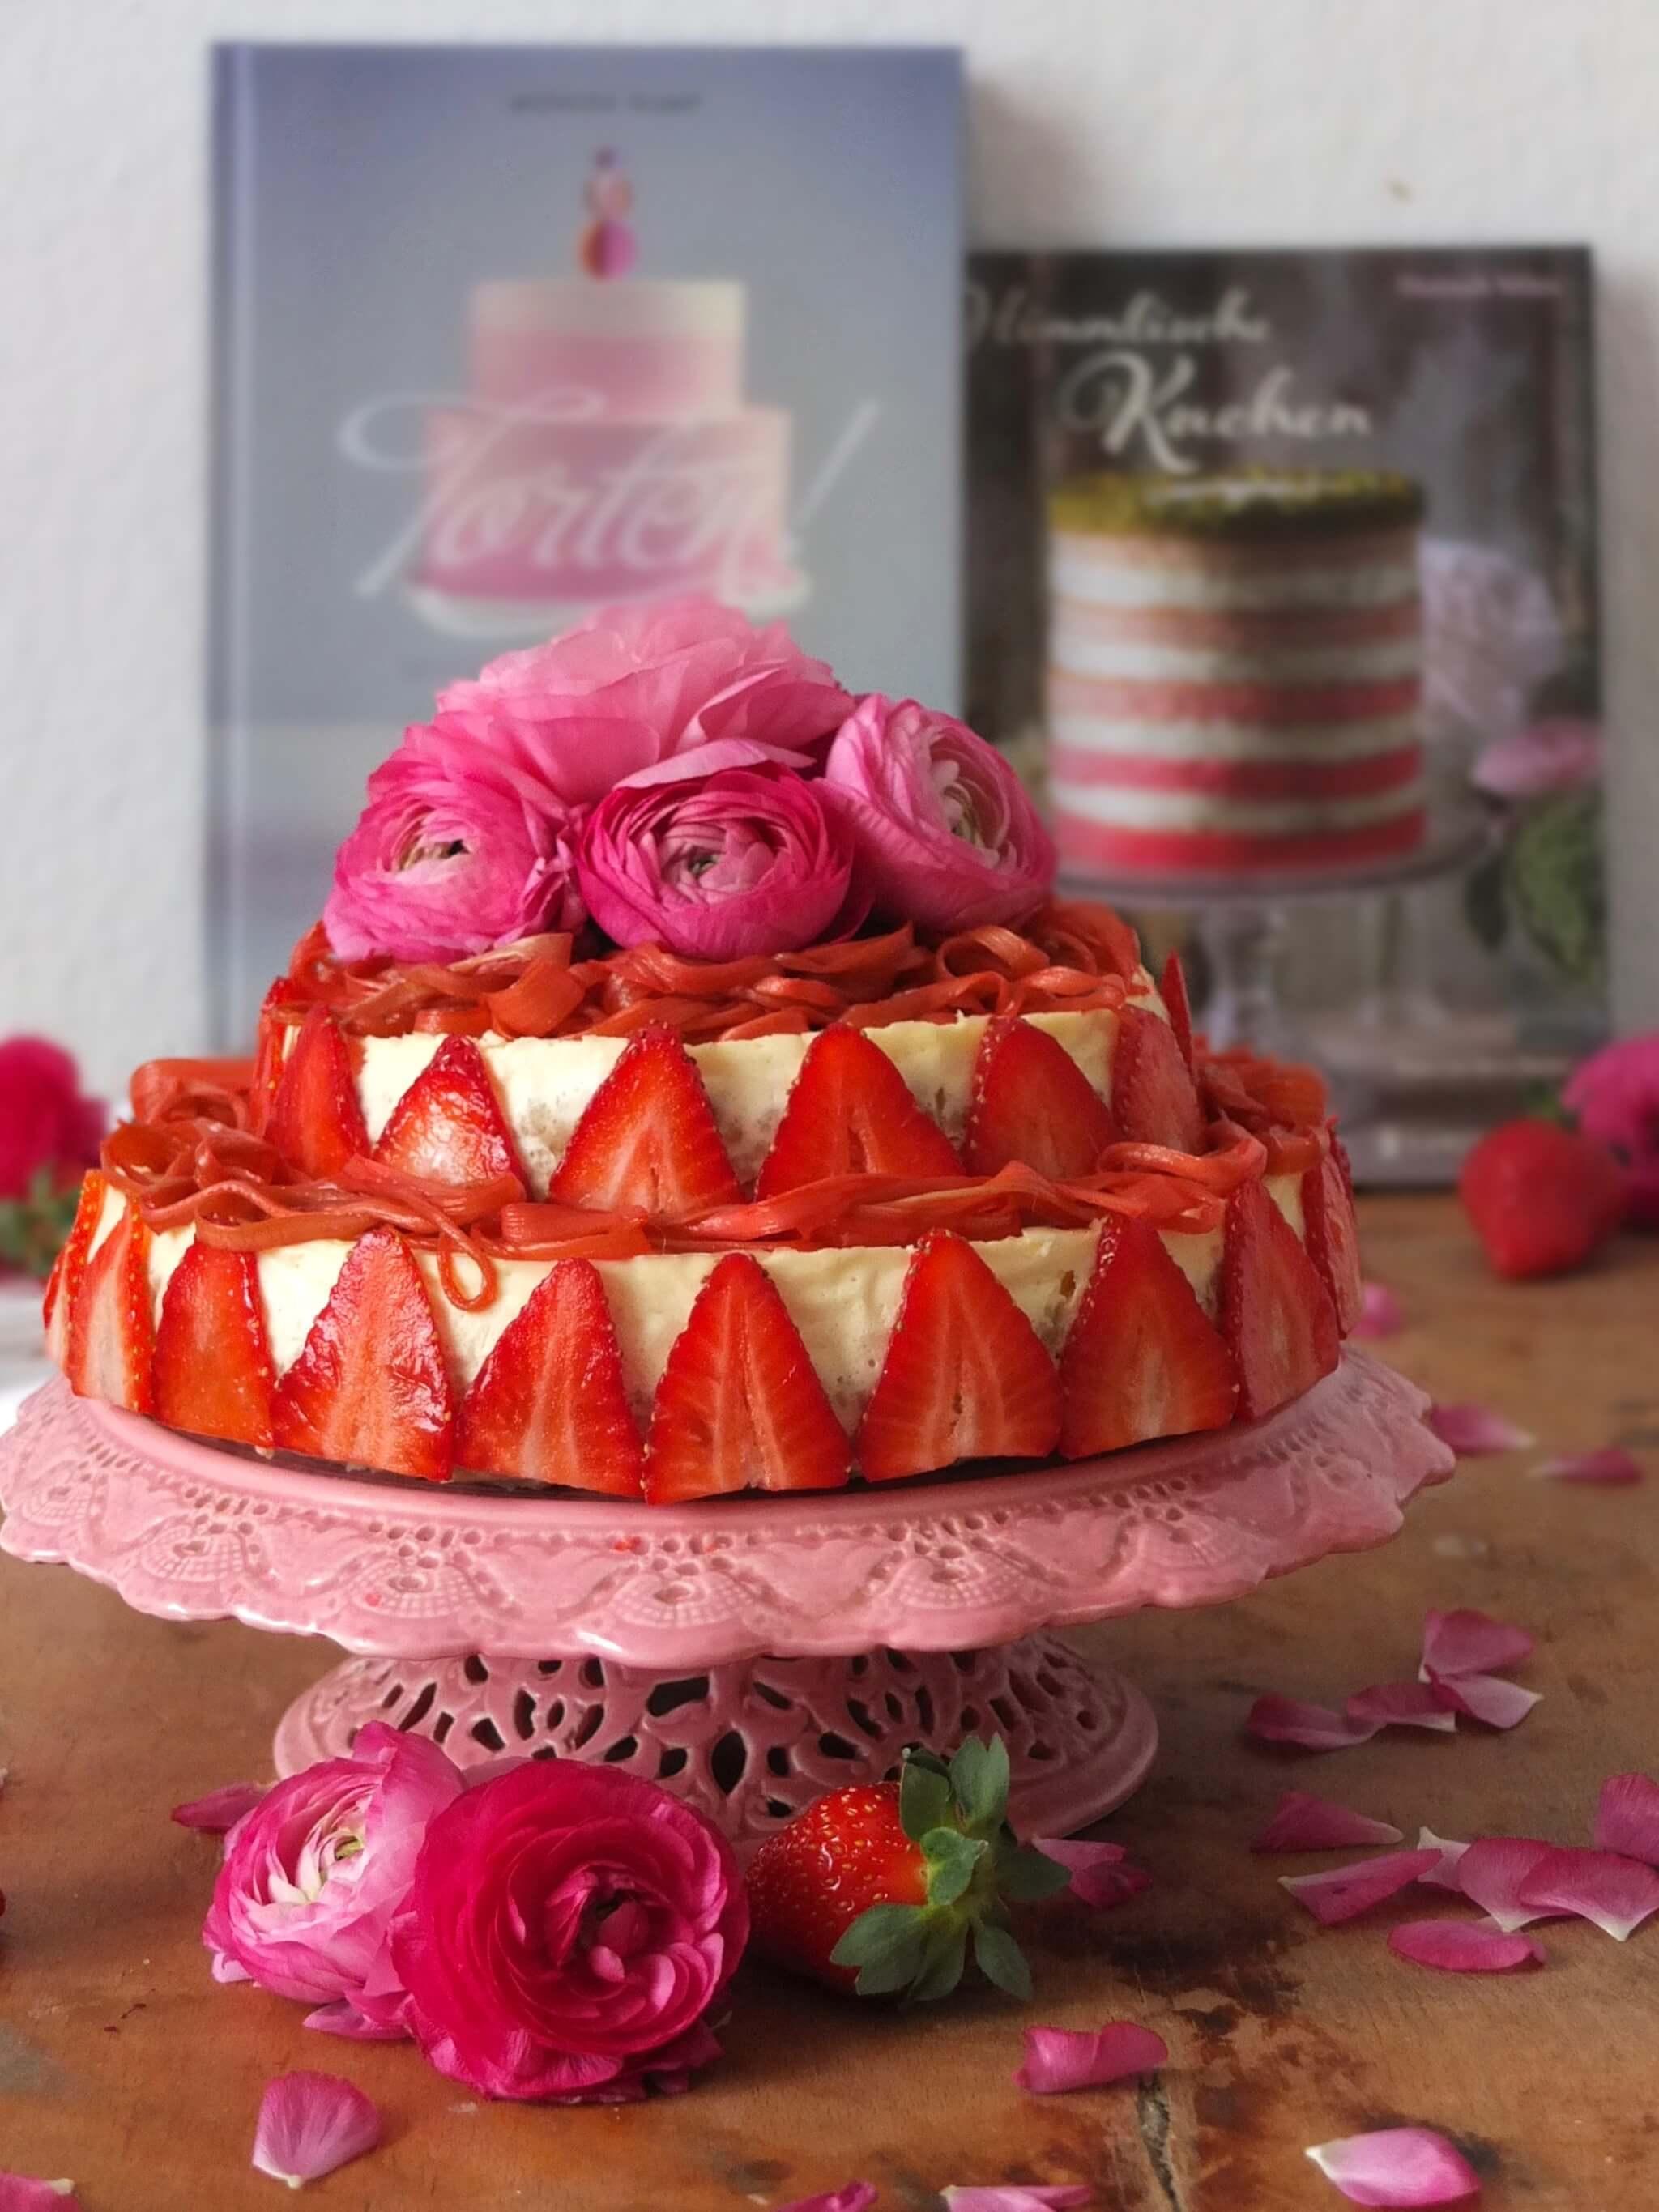 Doppelter Cheesecake mit Erdbeeren und Rhabarber | La Crema Food- und Backblog